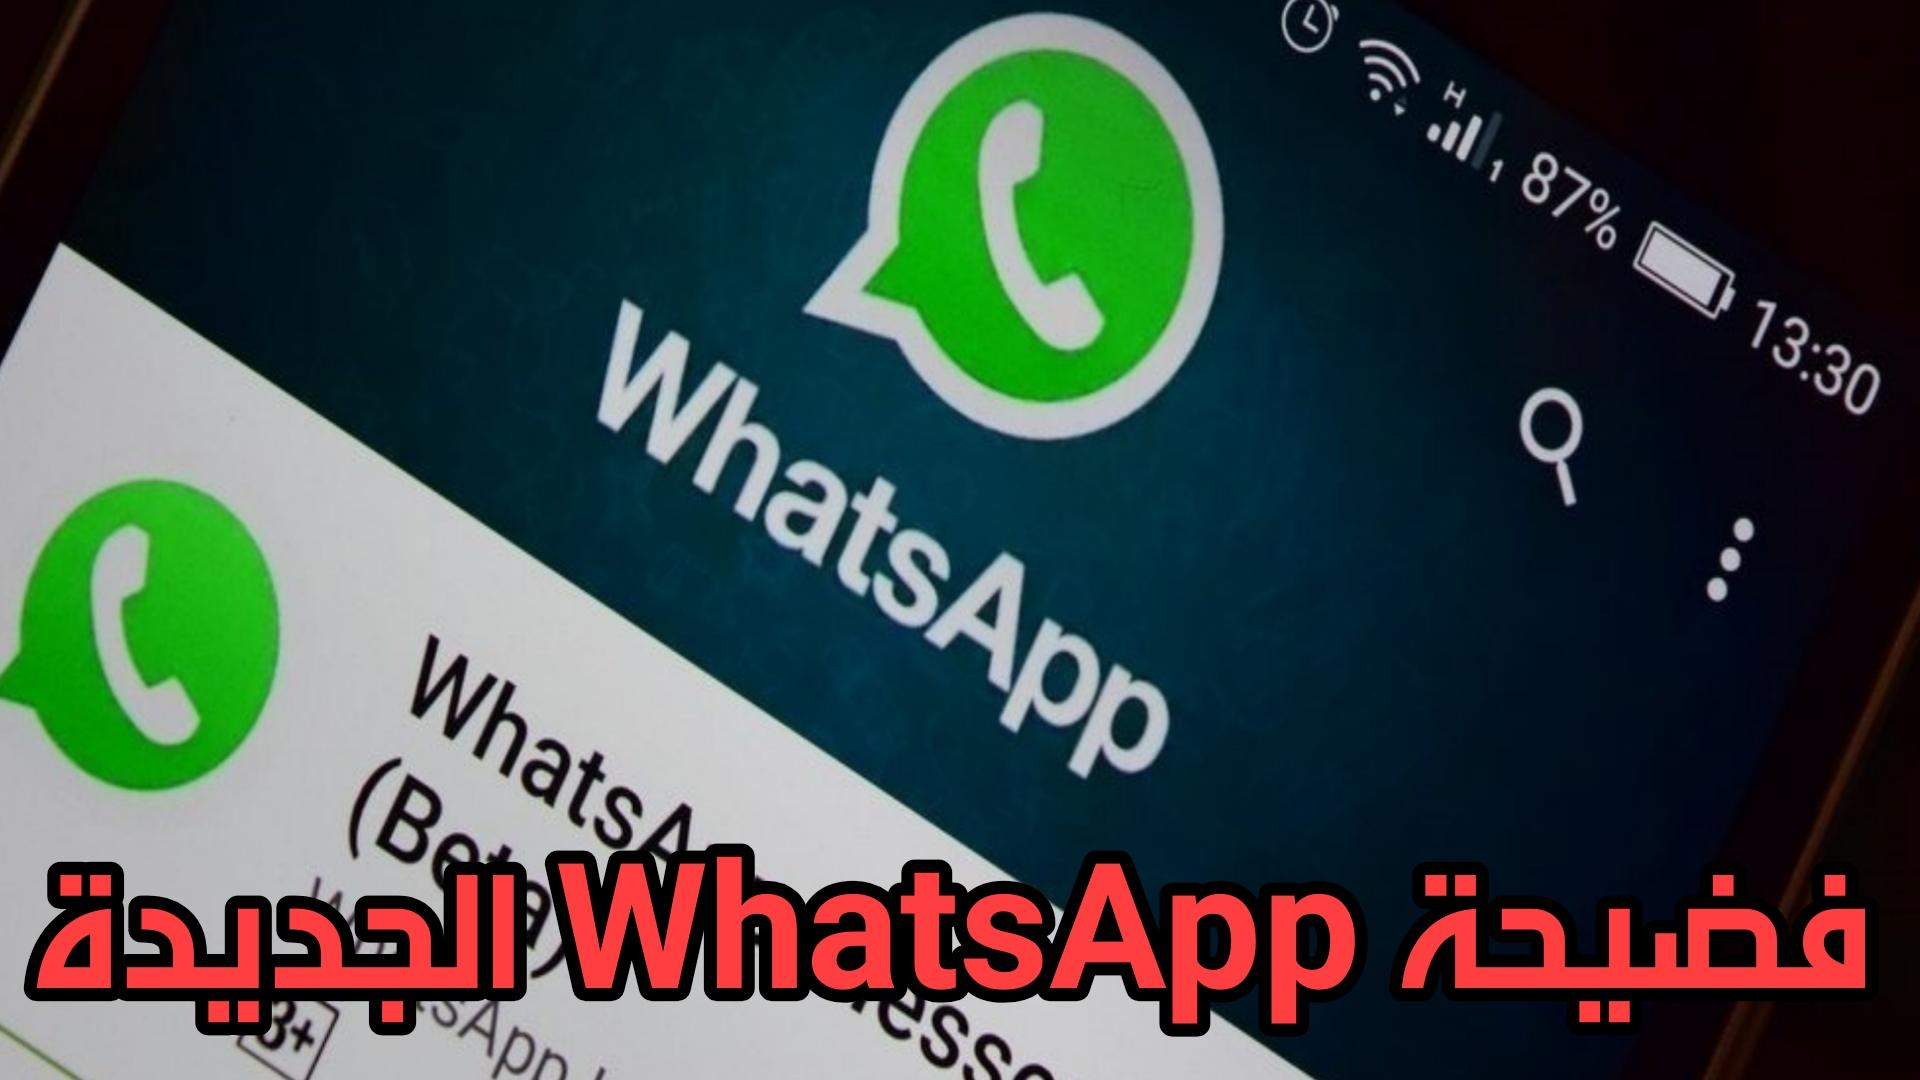 ثغرة جديدة في Whats App تسمح بالتجسس على الهاتف عن طريق مقطع فيديو MP4فقط !!!